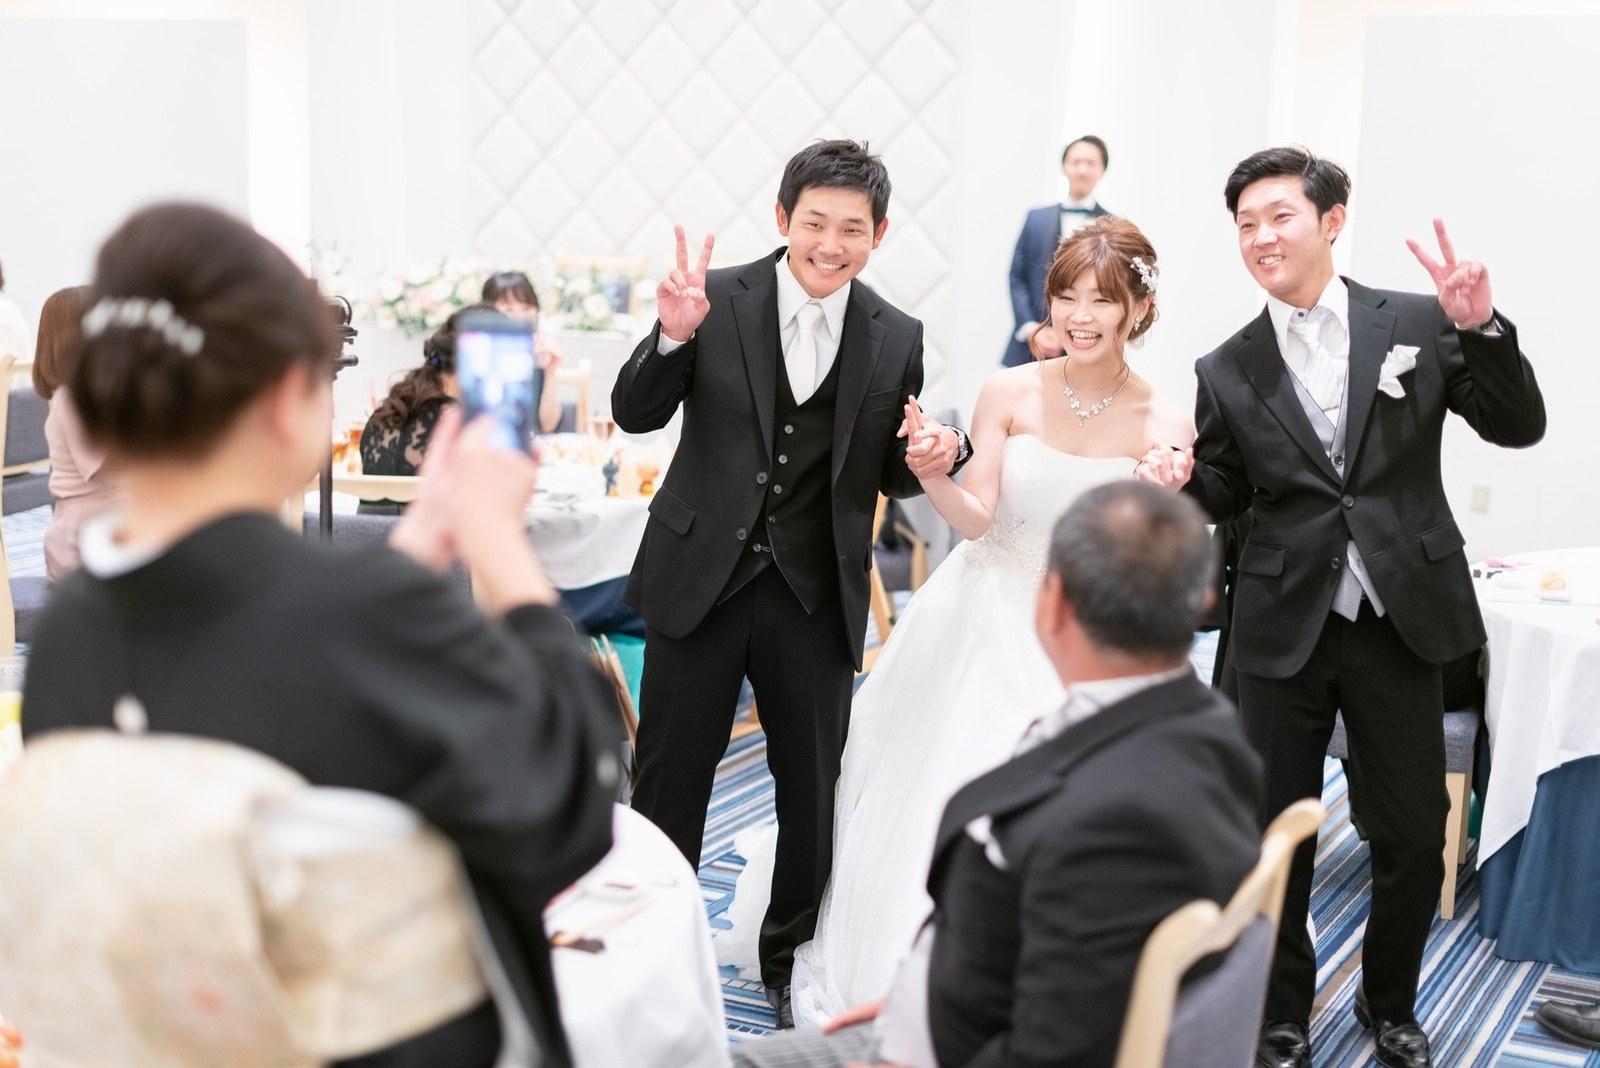 香川県の結婚式場のシェルエメール&アイスタイル 新婦お色直し退場